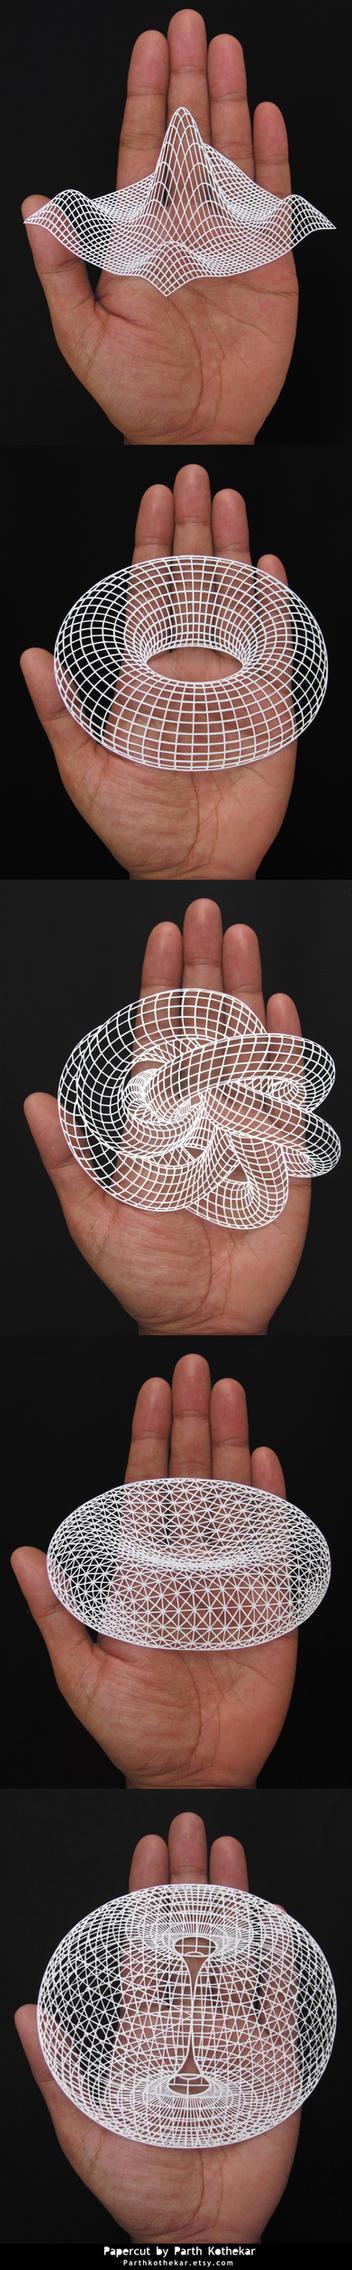 Papercut - 3d - geometric - paper art - papercuts by ParthKothekar